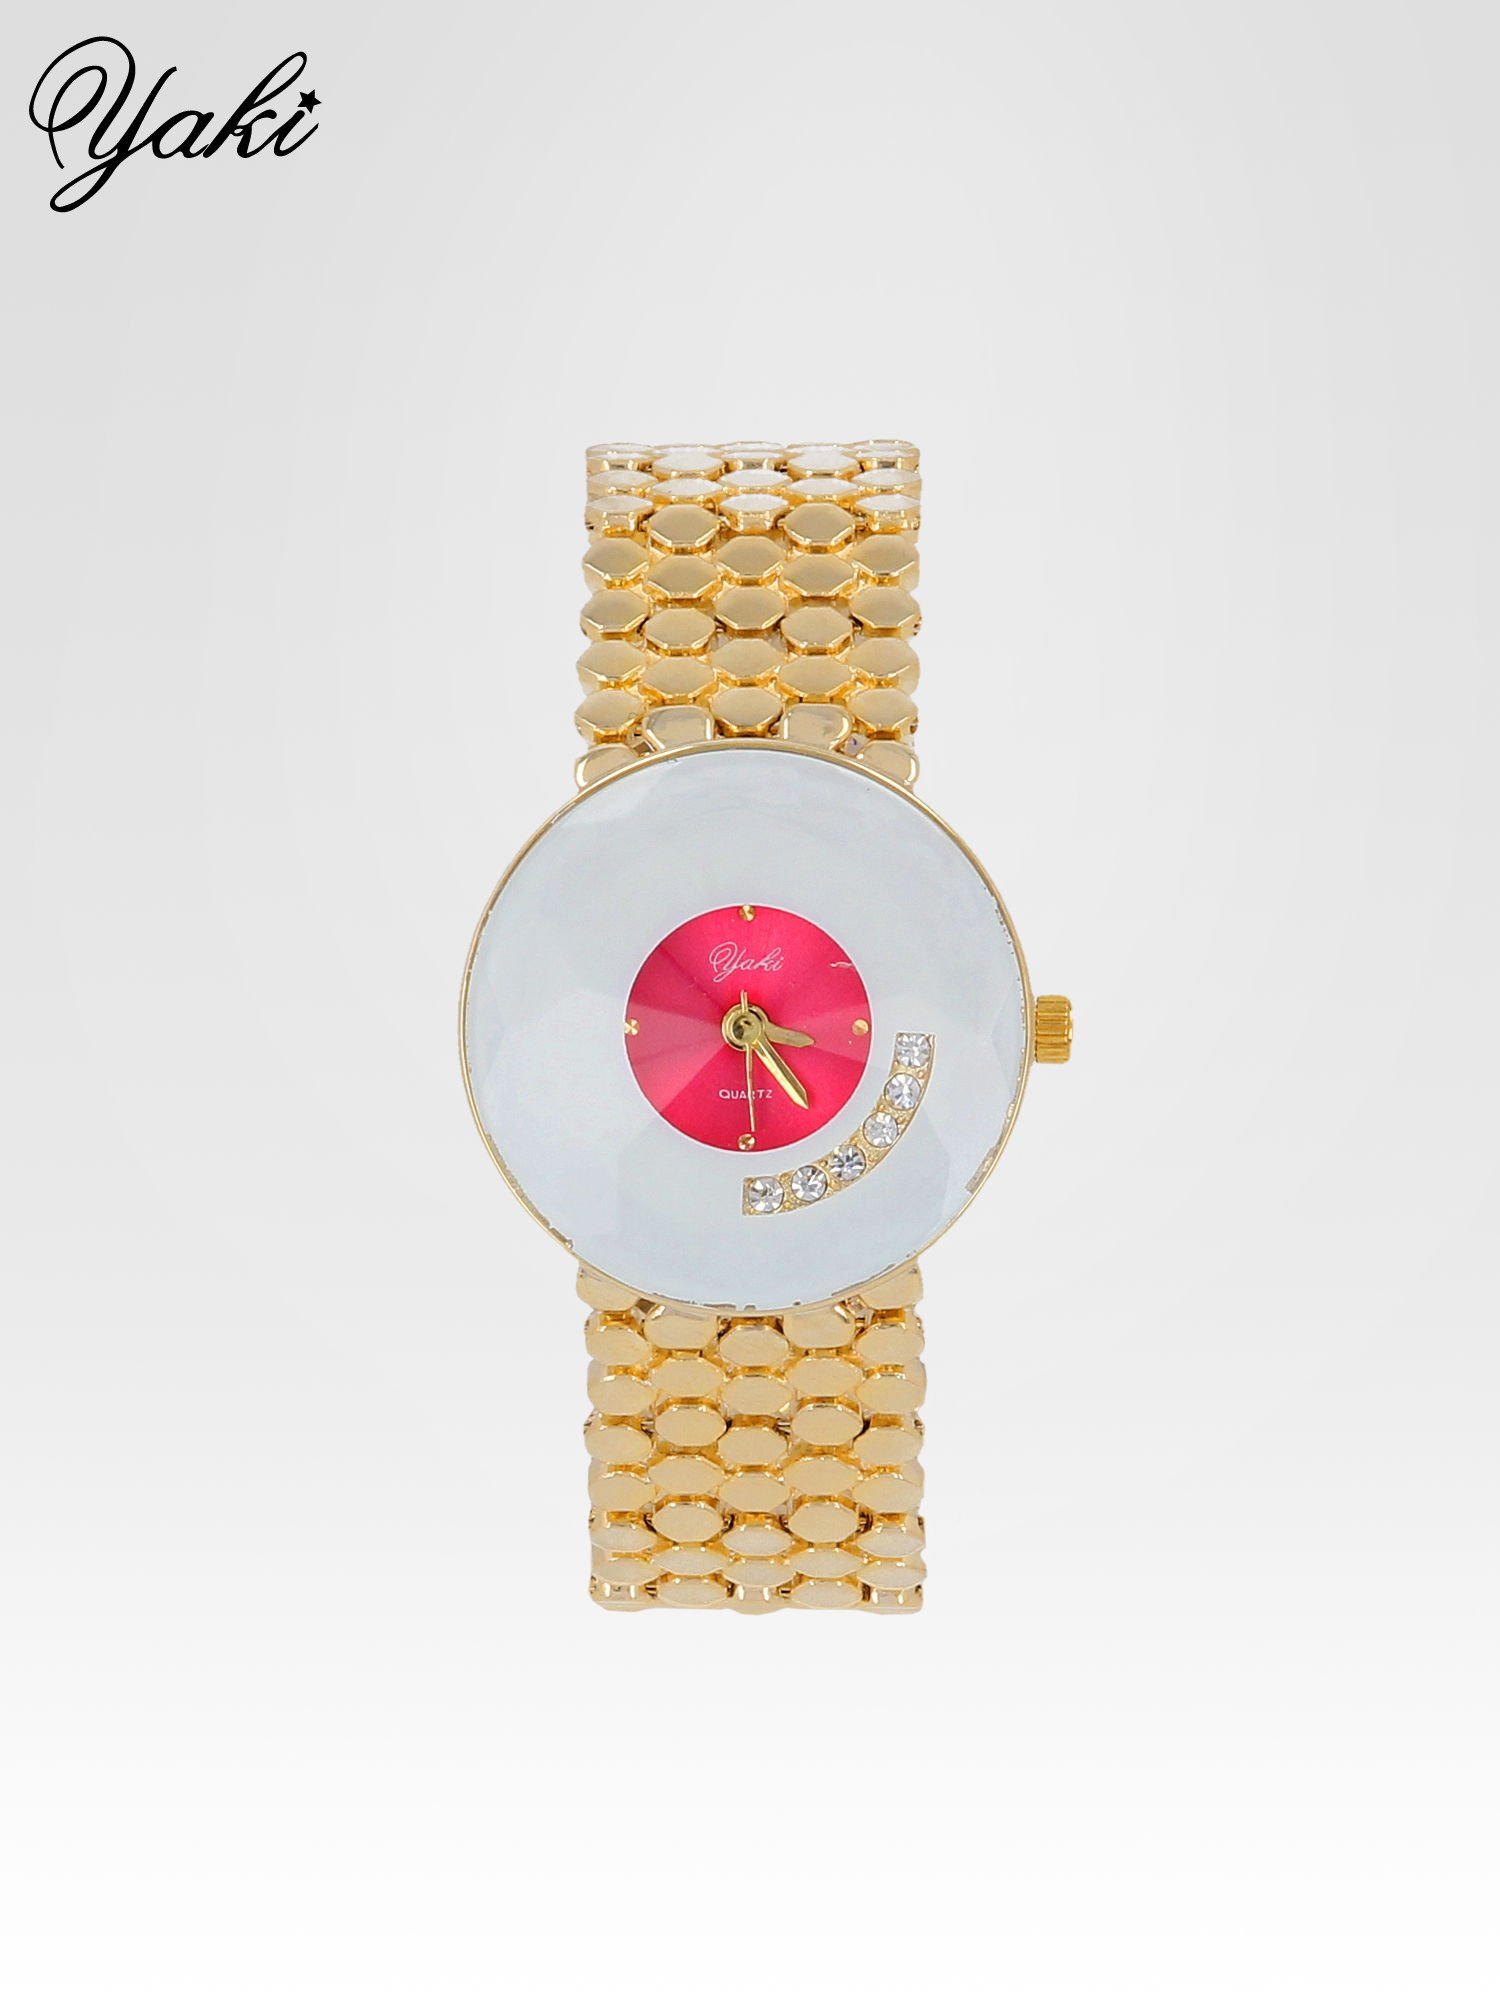 Biżuteryjny złoty zegarek damski z białożową tarczą z cyrkoniami                                  zdj.                                  1